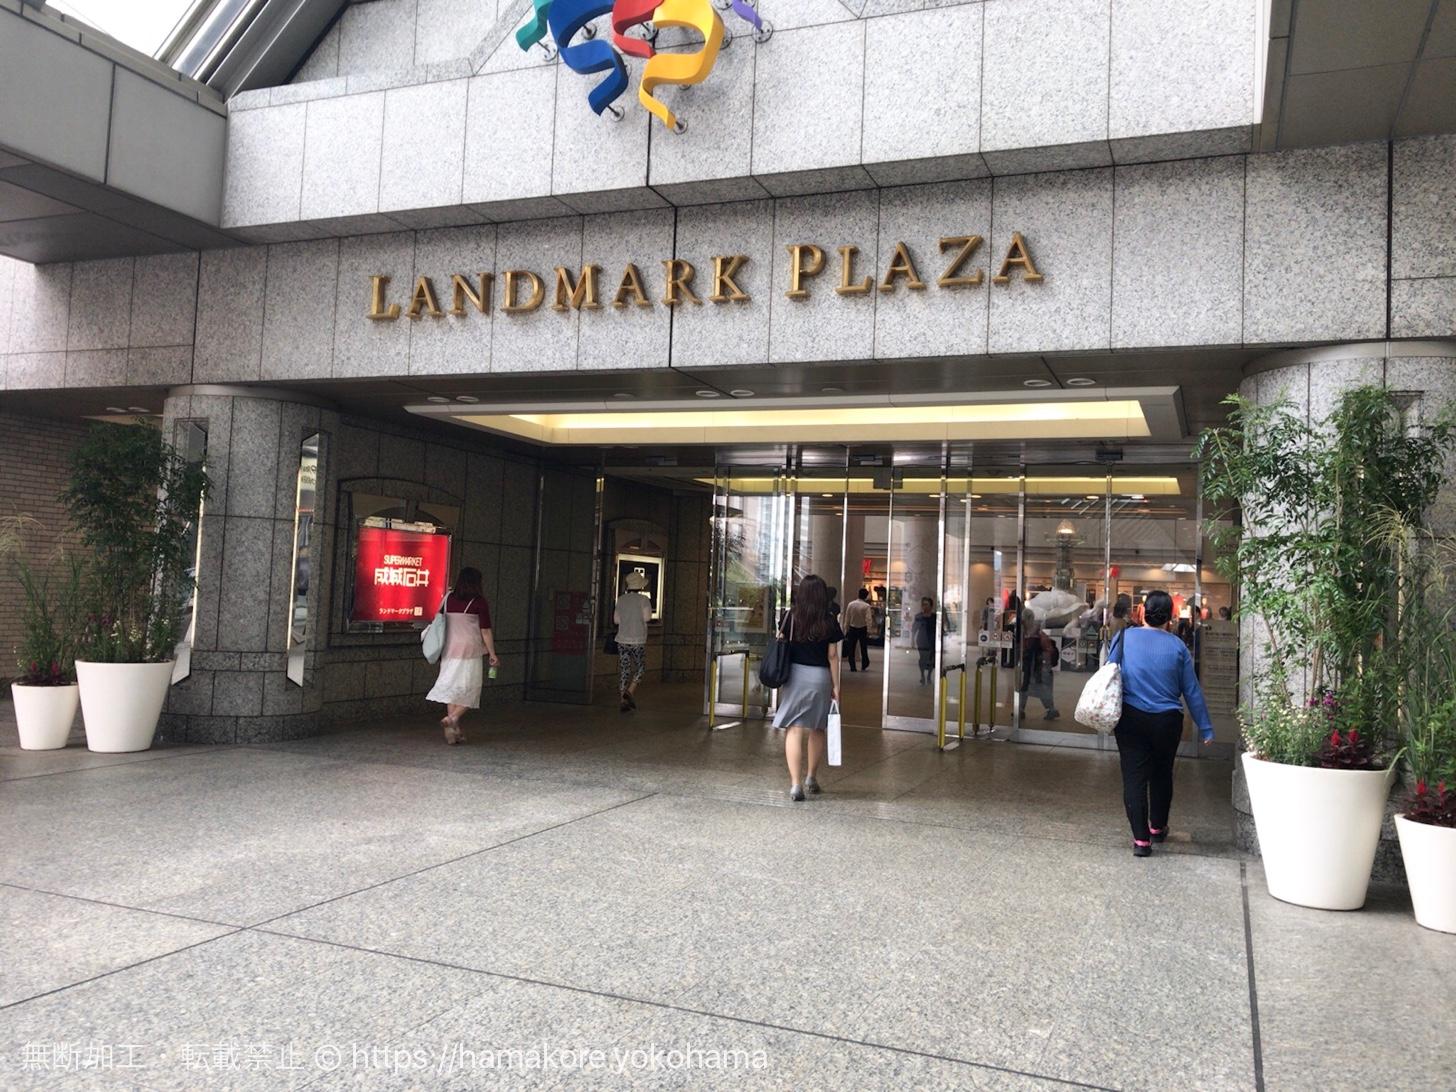 ランドマークプラザ 入口